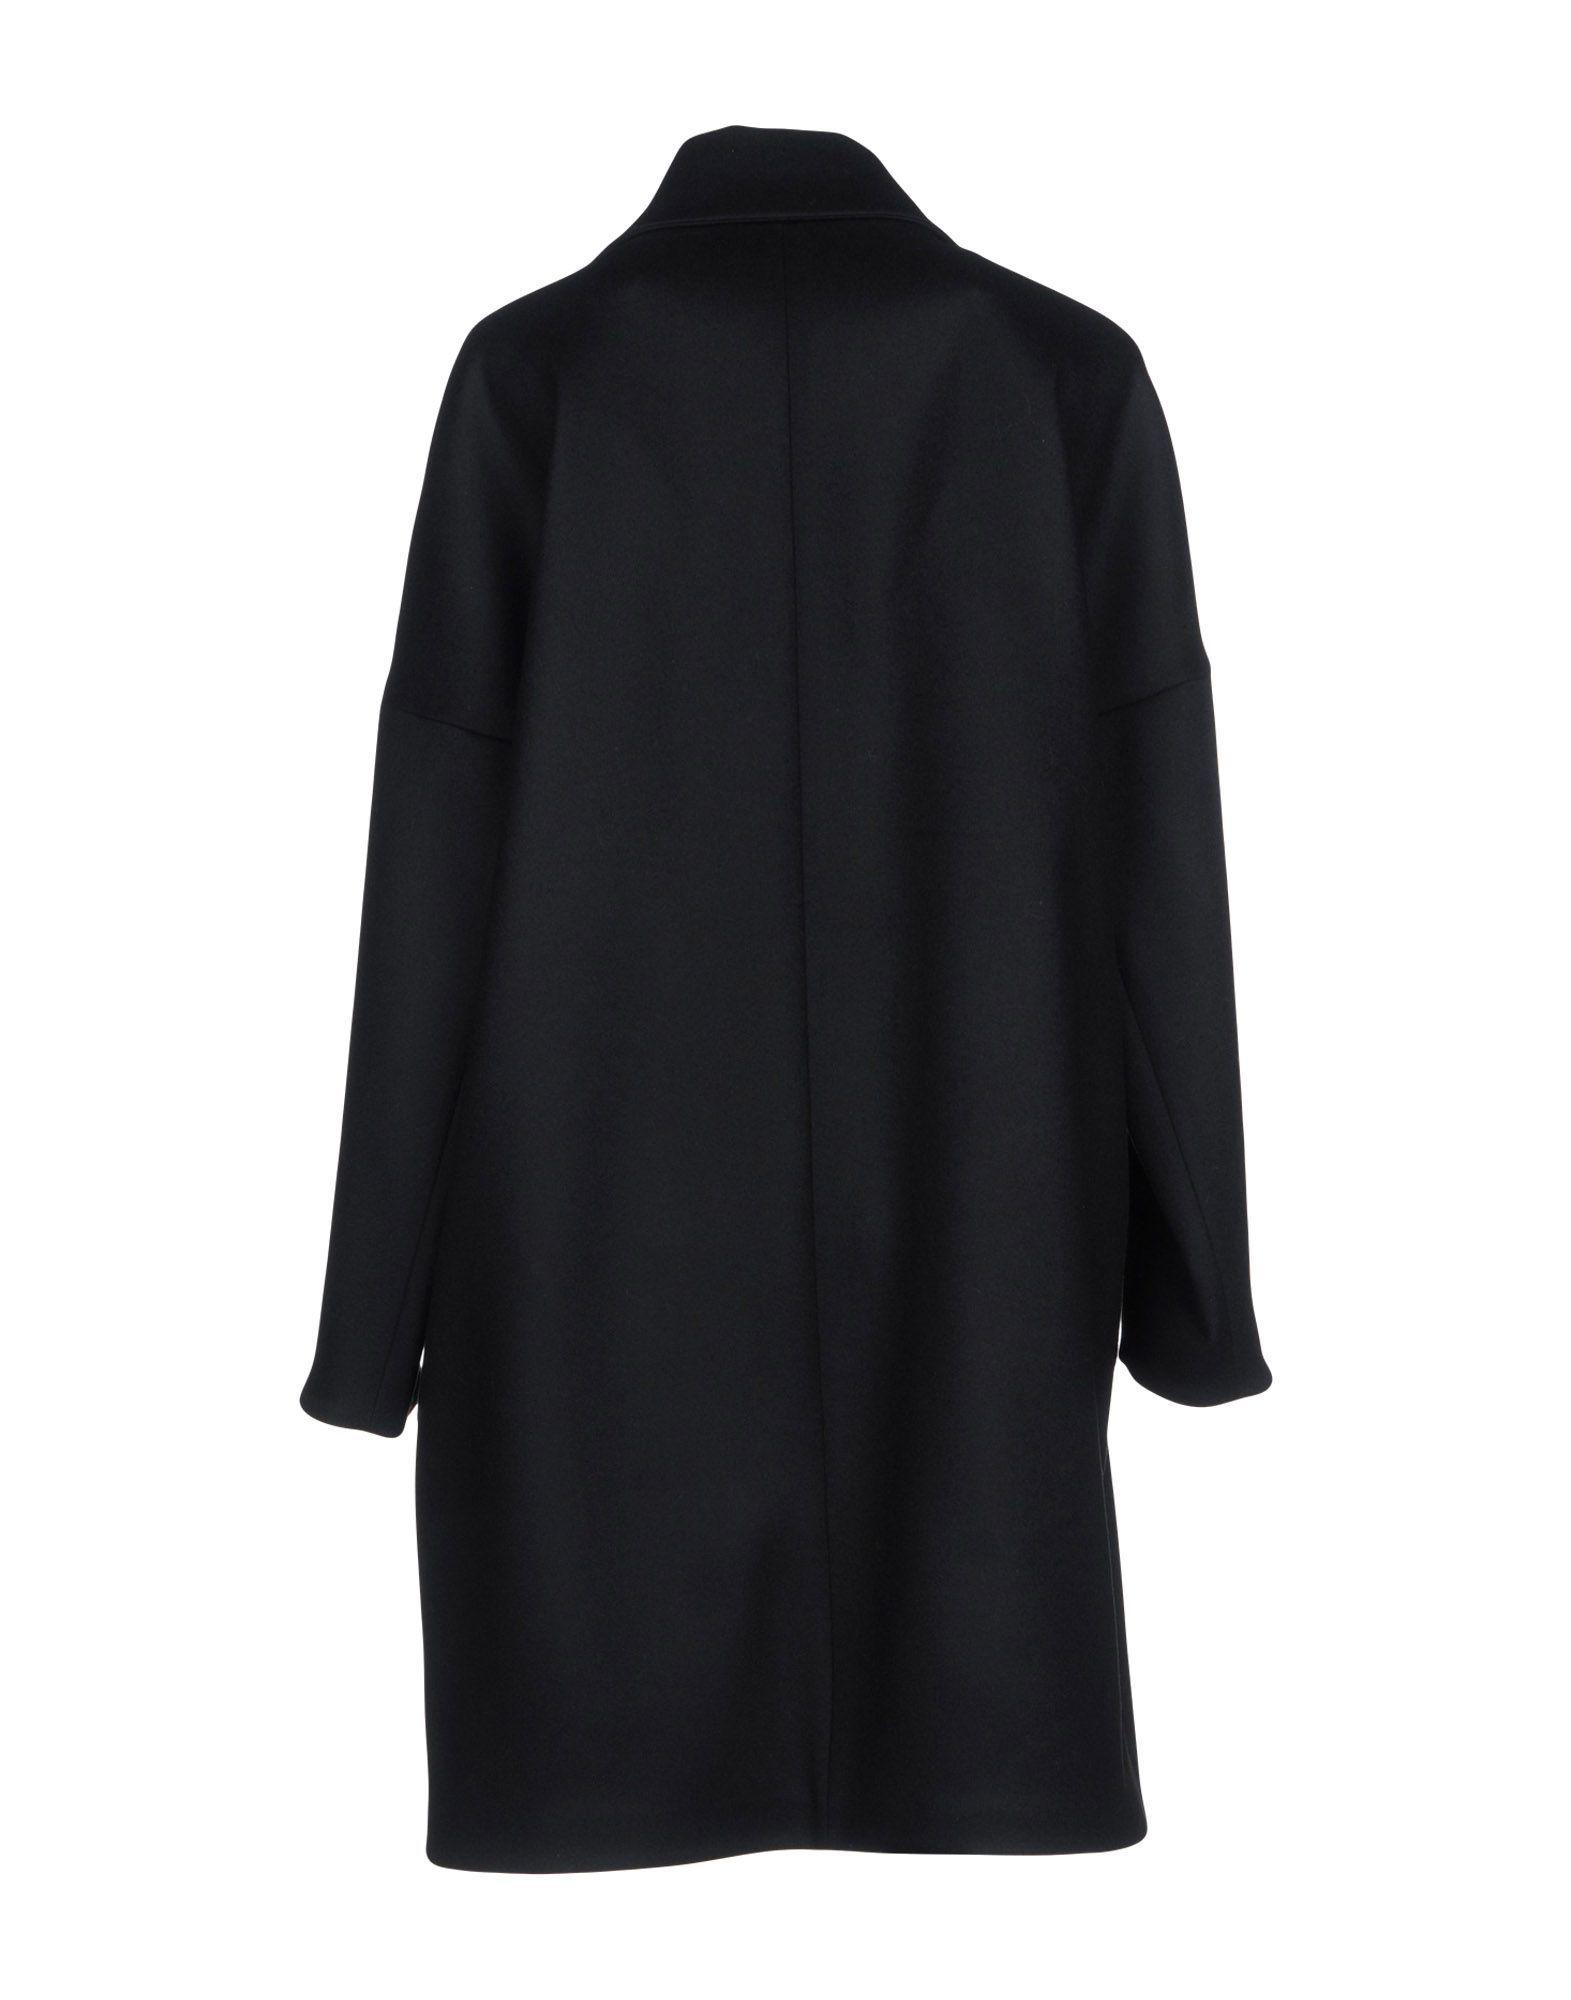 COATS & JACKETS Albino Teodoro Black Woman Virgin Wool